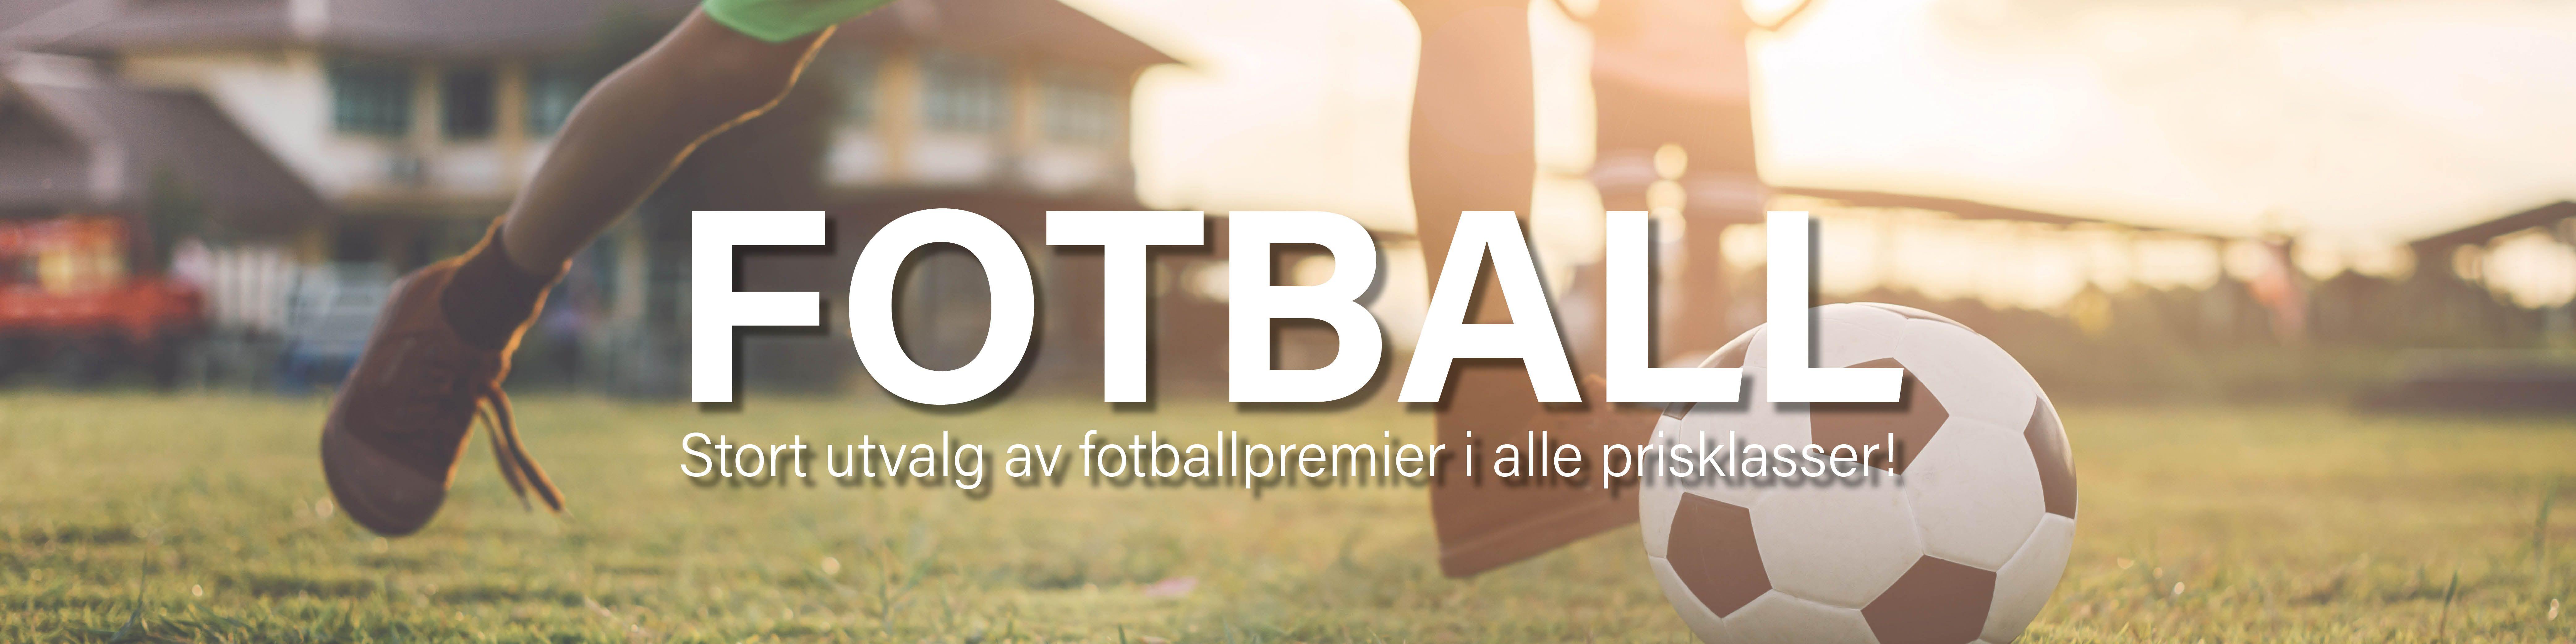 Fotballpremier